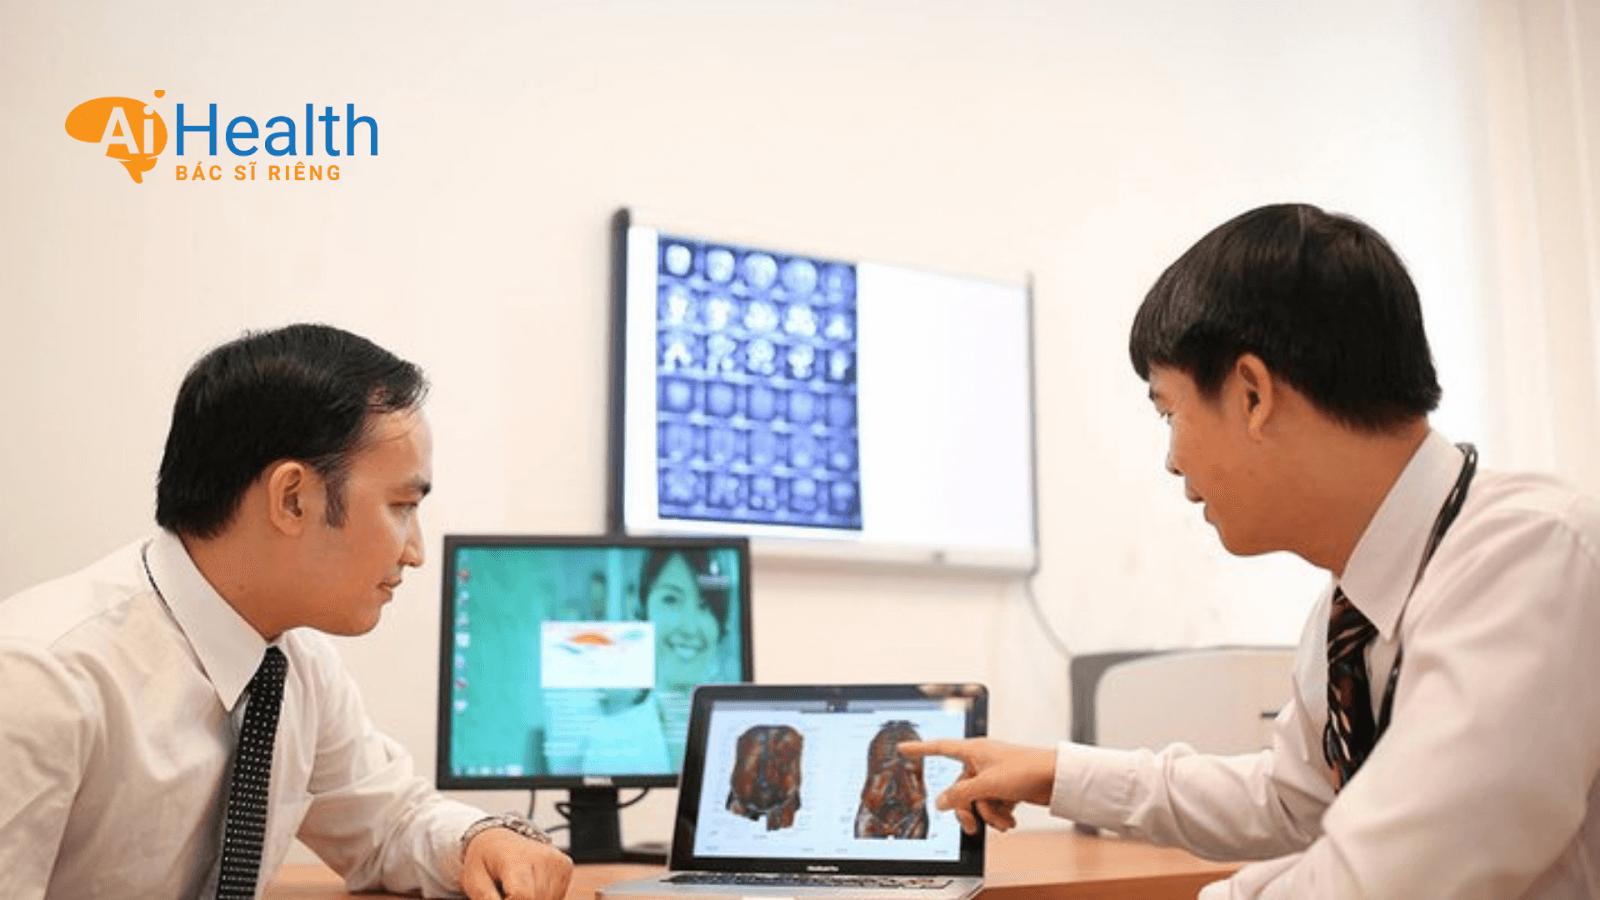 Dịch vụ khám sức khỏe tổng quát phù hợp từng đối tượng